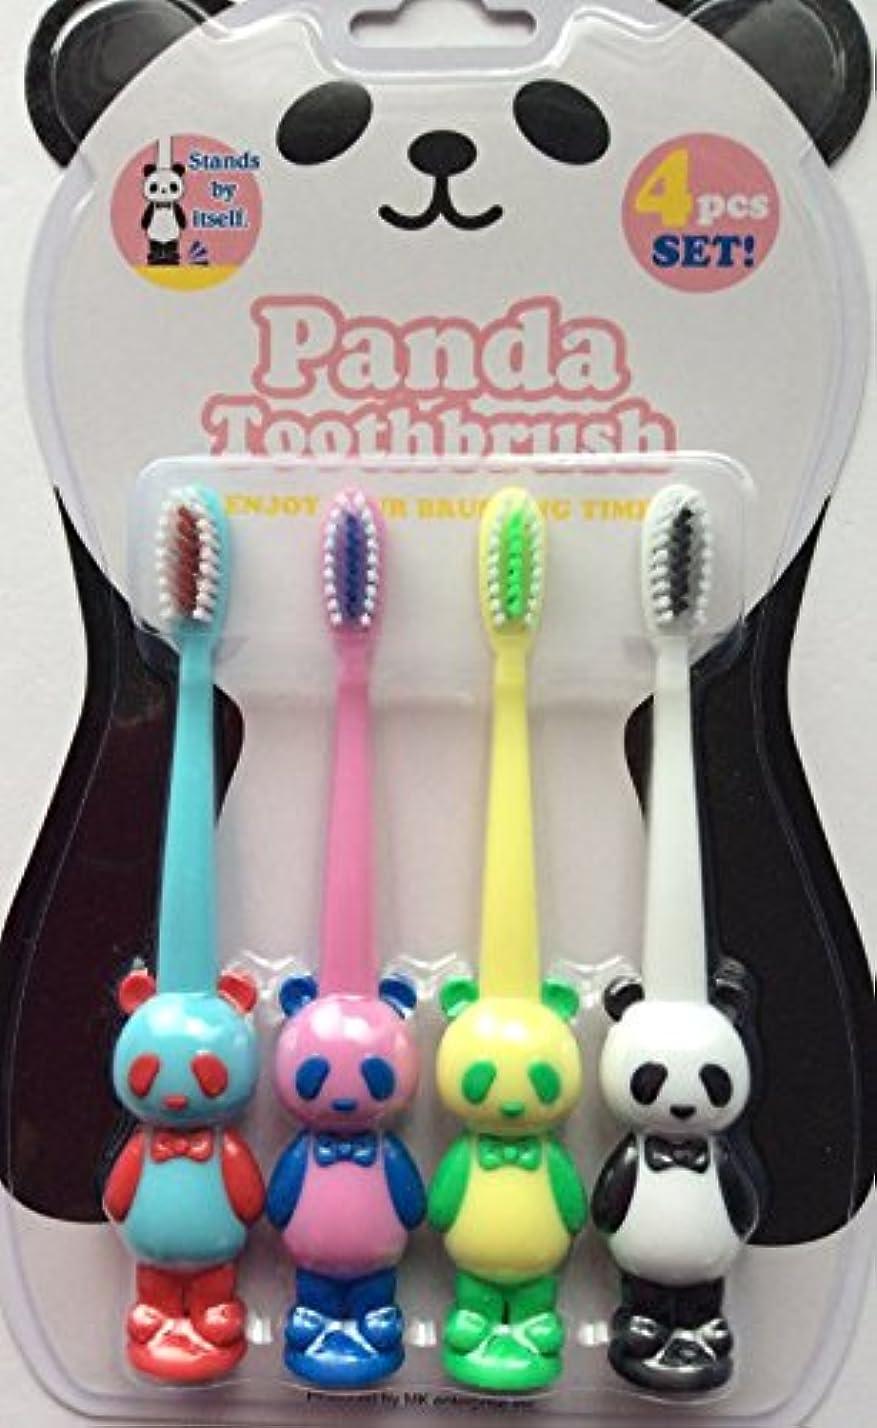 なすパイルジョブアニマル パンダ 歯ブラシ 4P セット (カラフルパンダ)